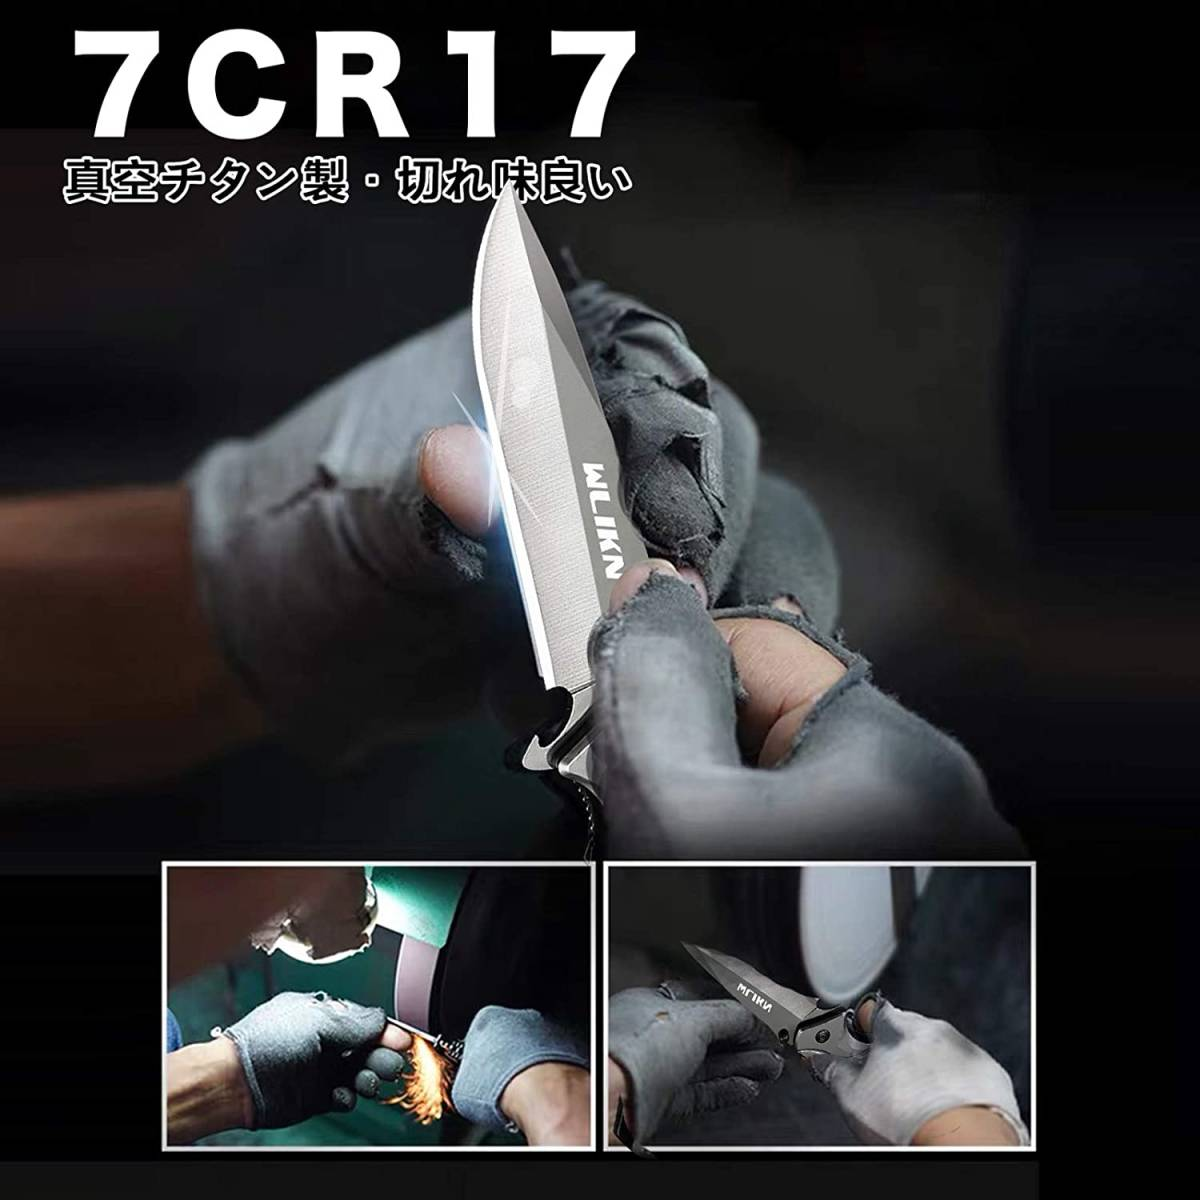 【送料無料】アウトドア ナイフ フォールディング Wlikn 折りたたみ【4-IN-1多機能ナイフ 7CR17MOV製】ハンティング サバイバル グレー